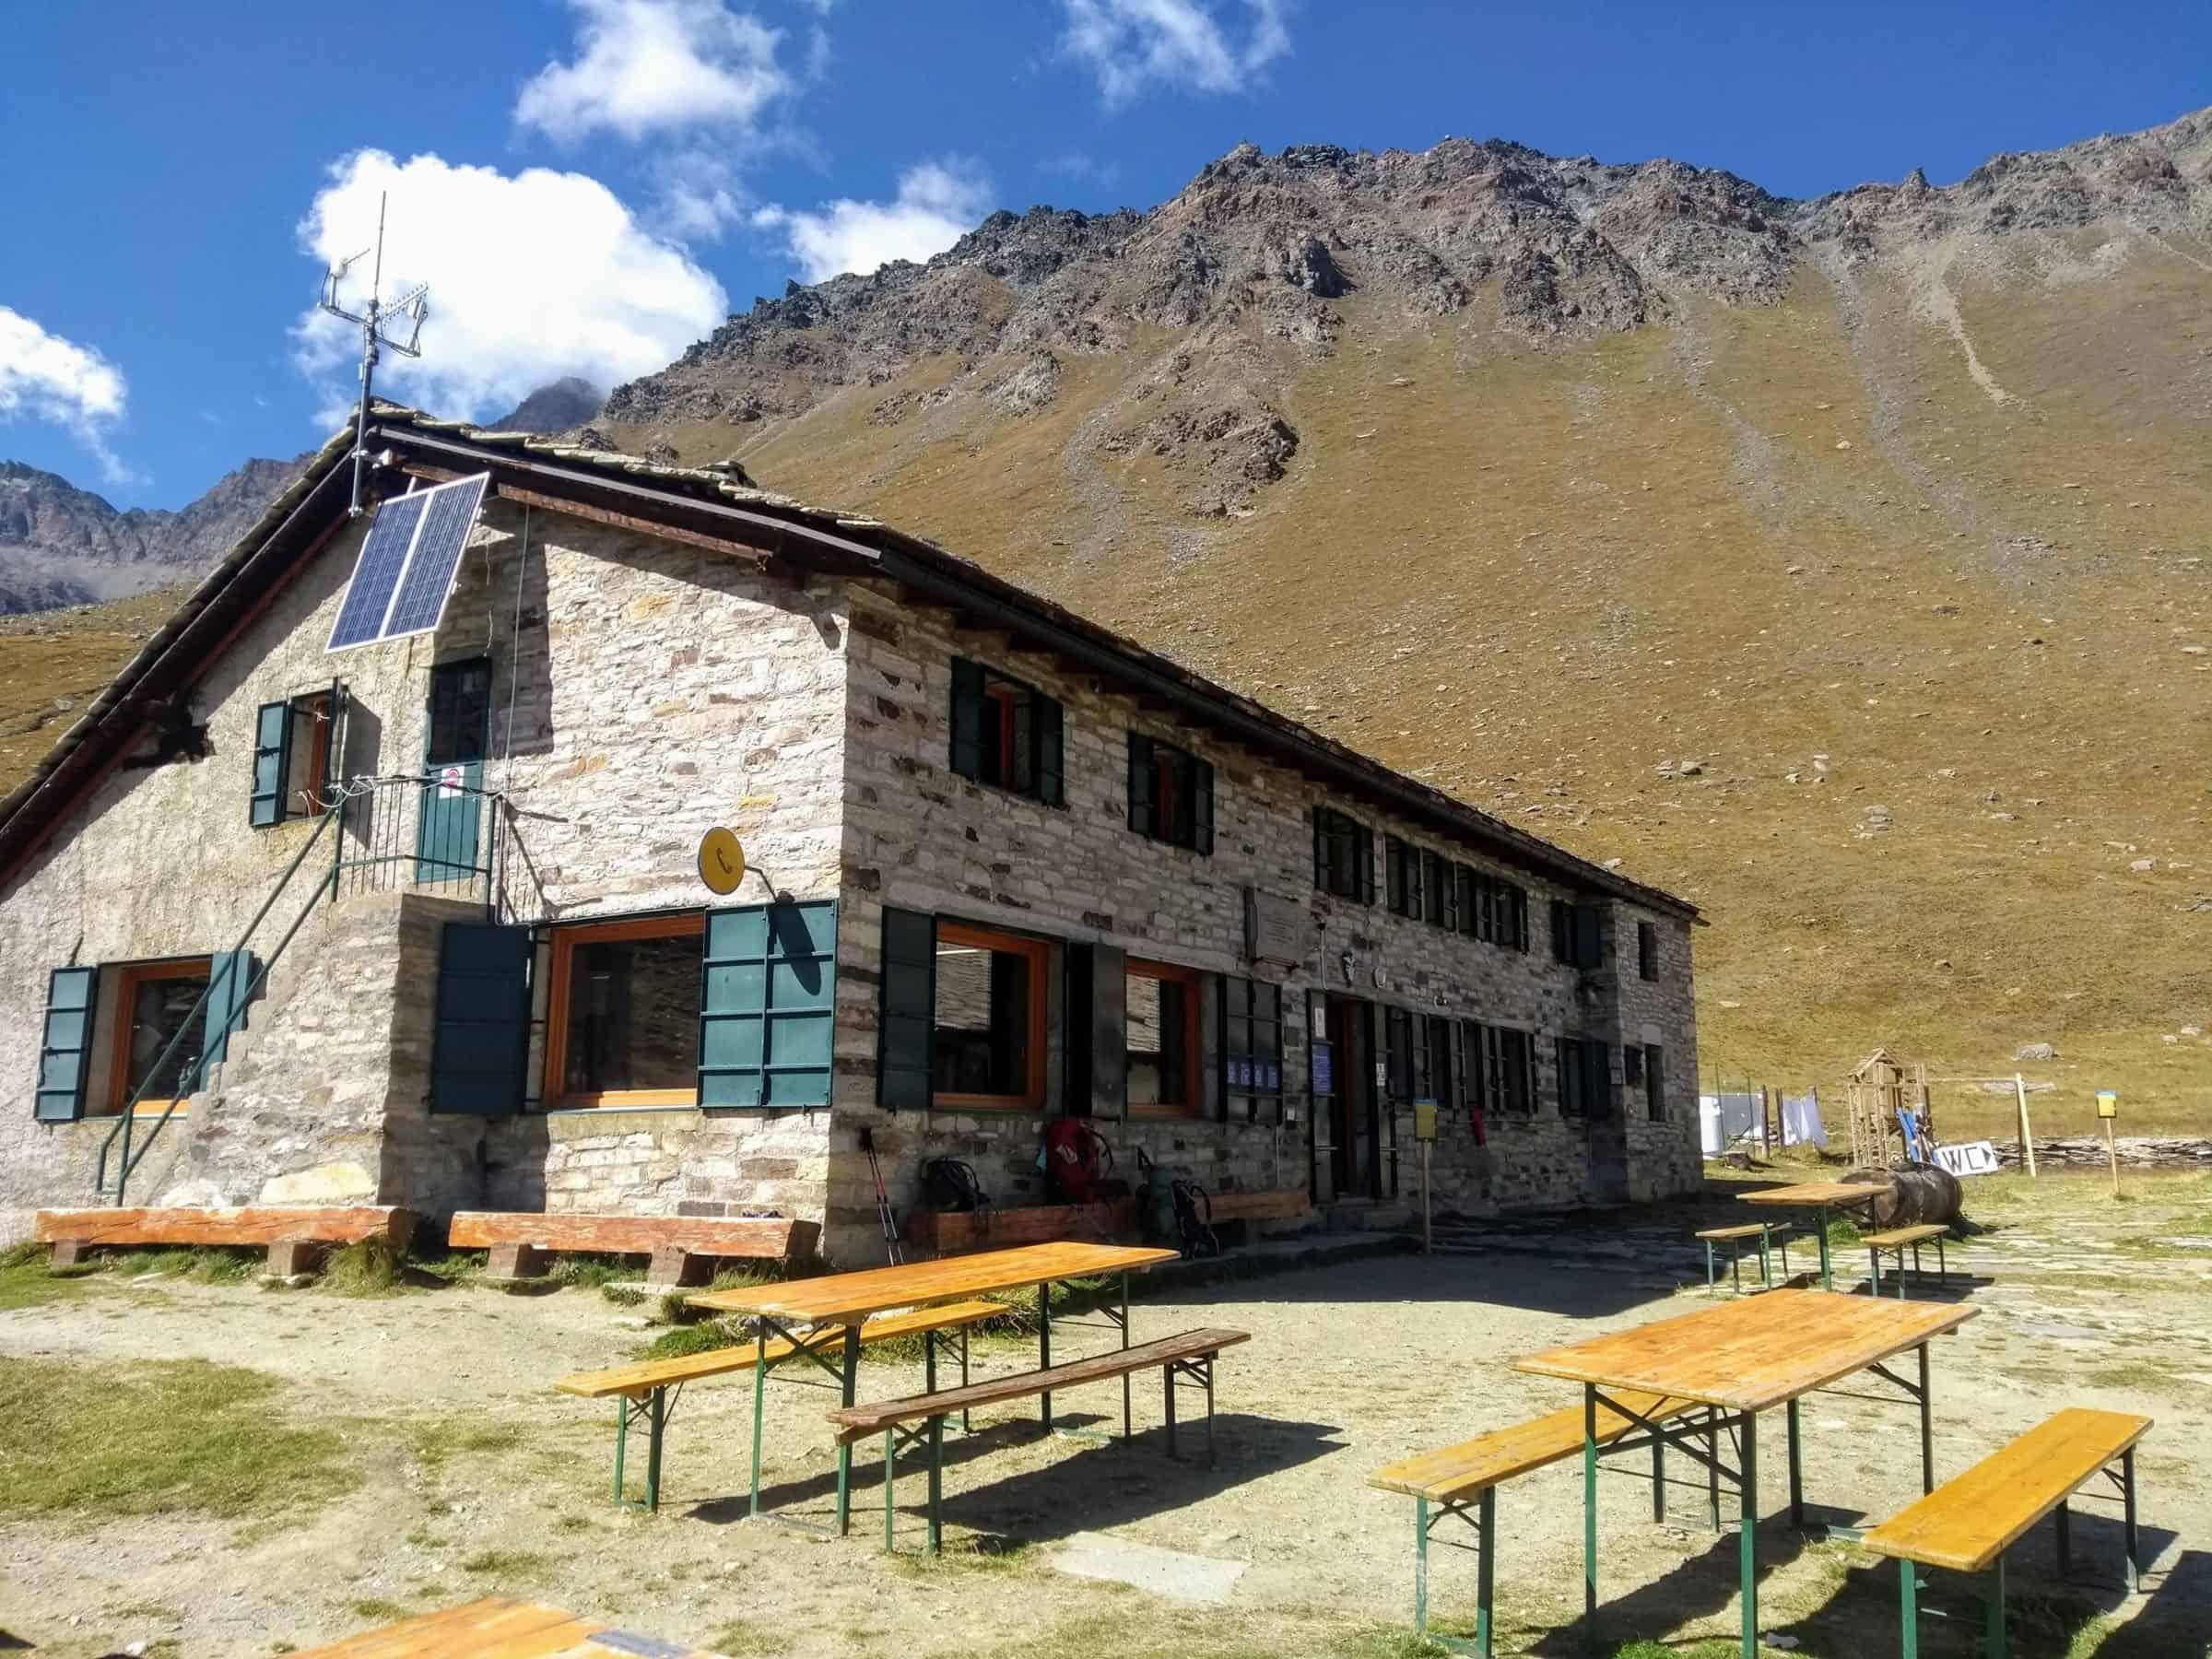 Rifugio Vittorio Sella in Valle d'Aosta